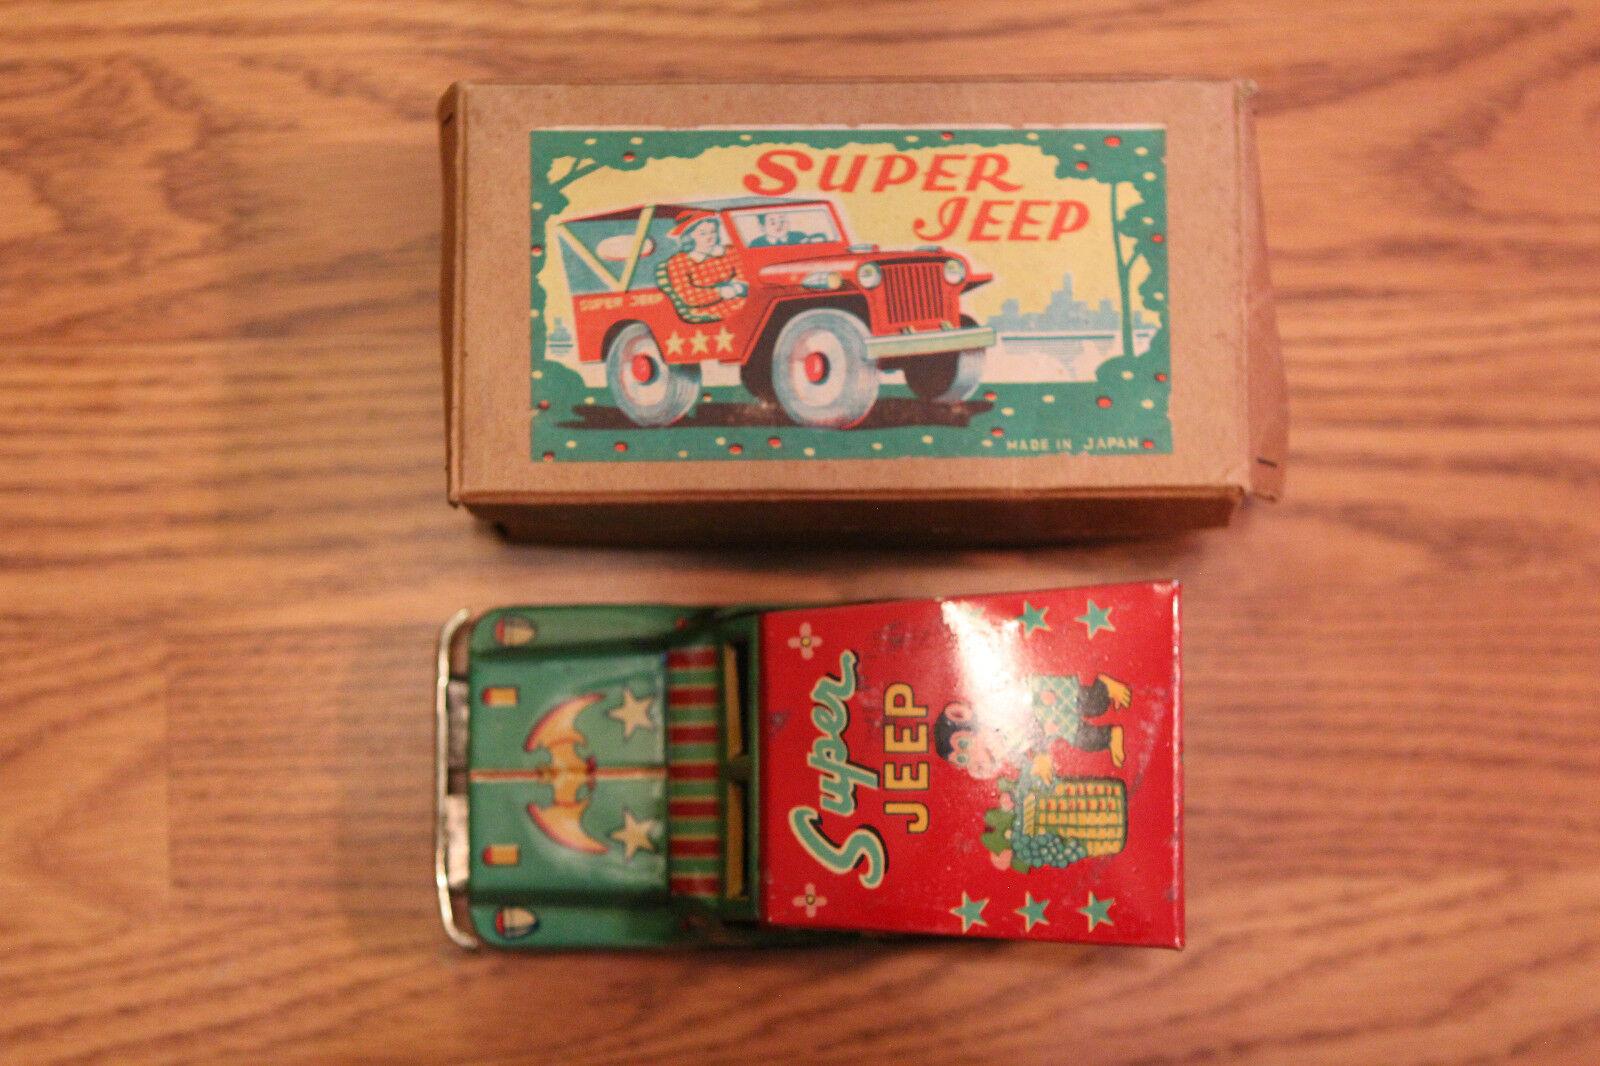 Vintage Super Jeep Toy Toy Toy Japan f7a3af